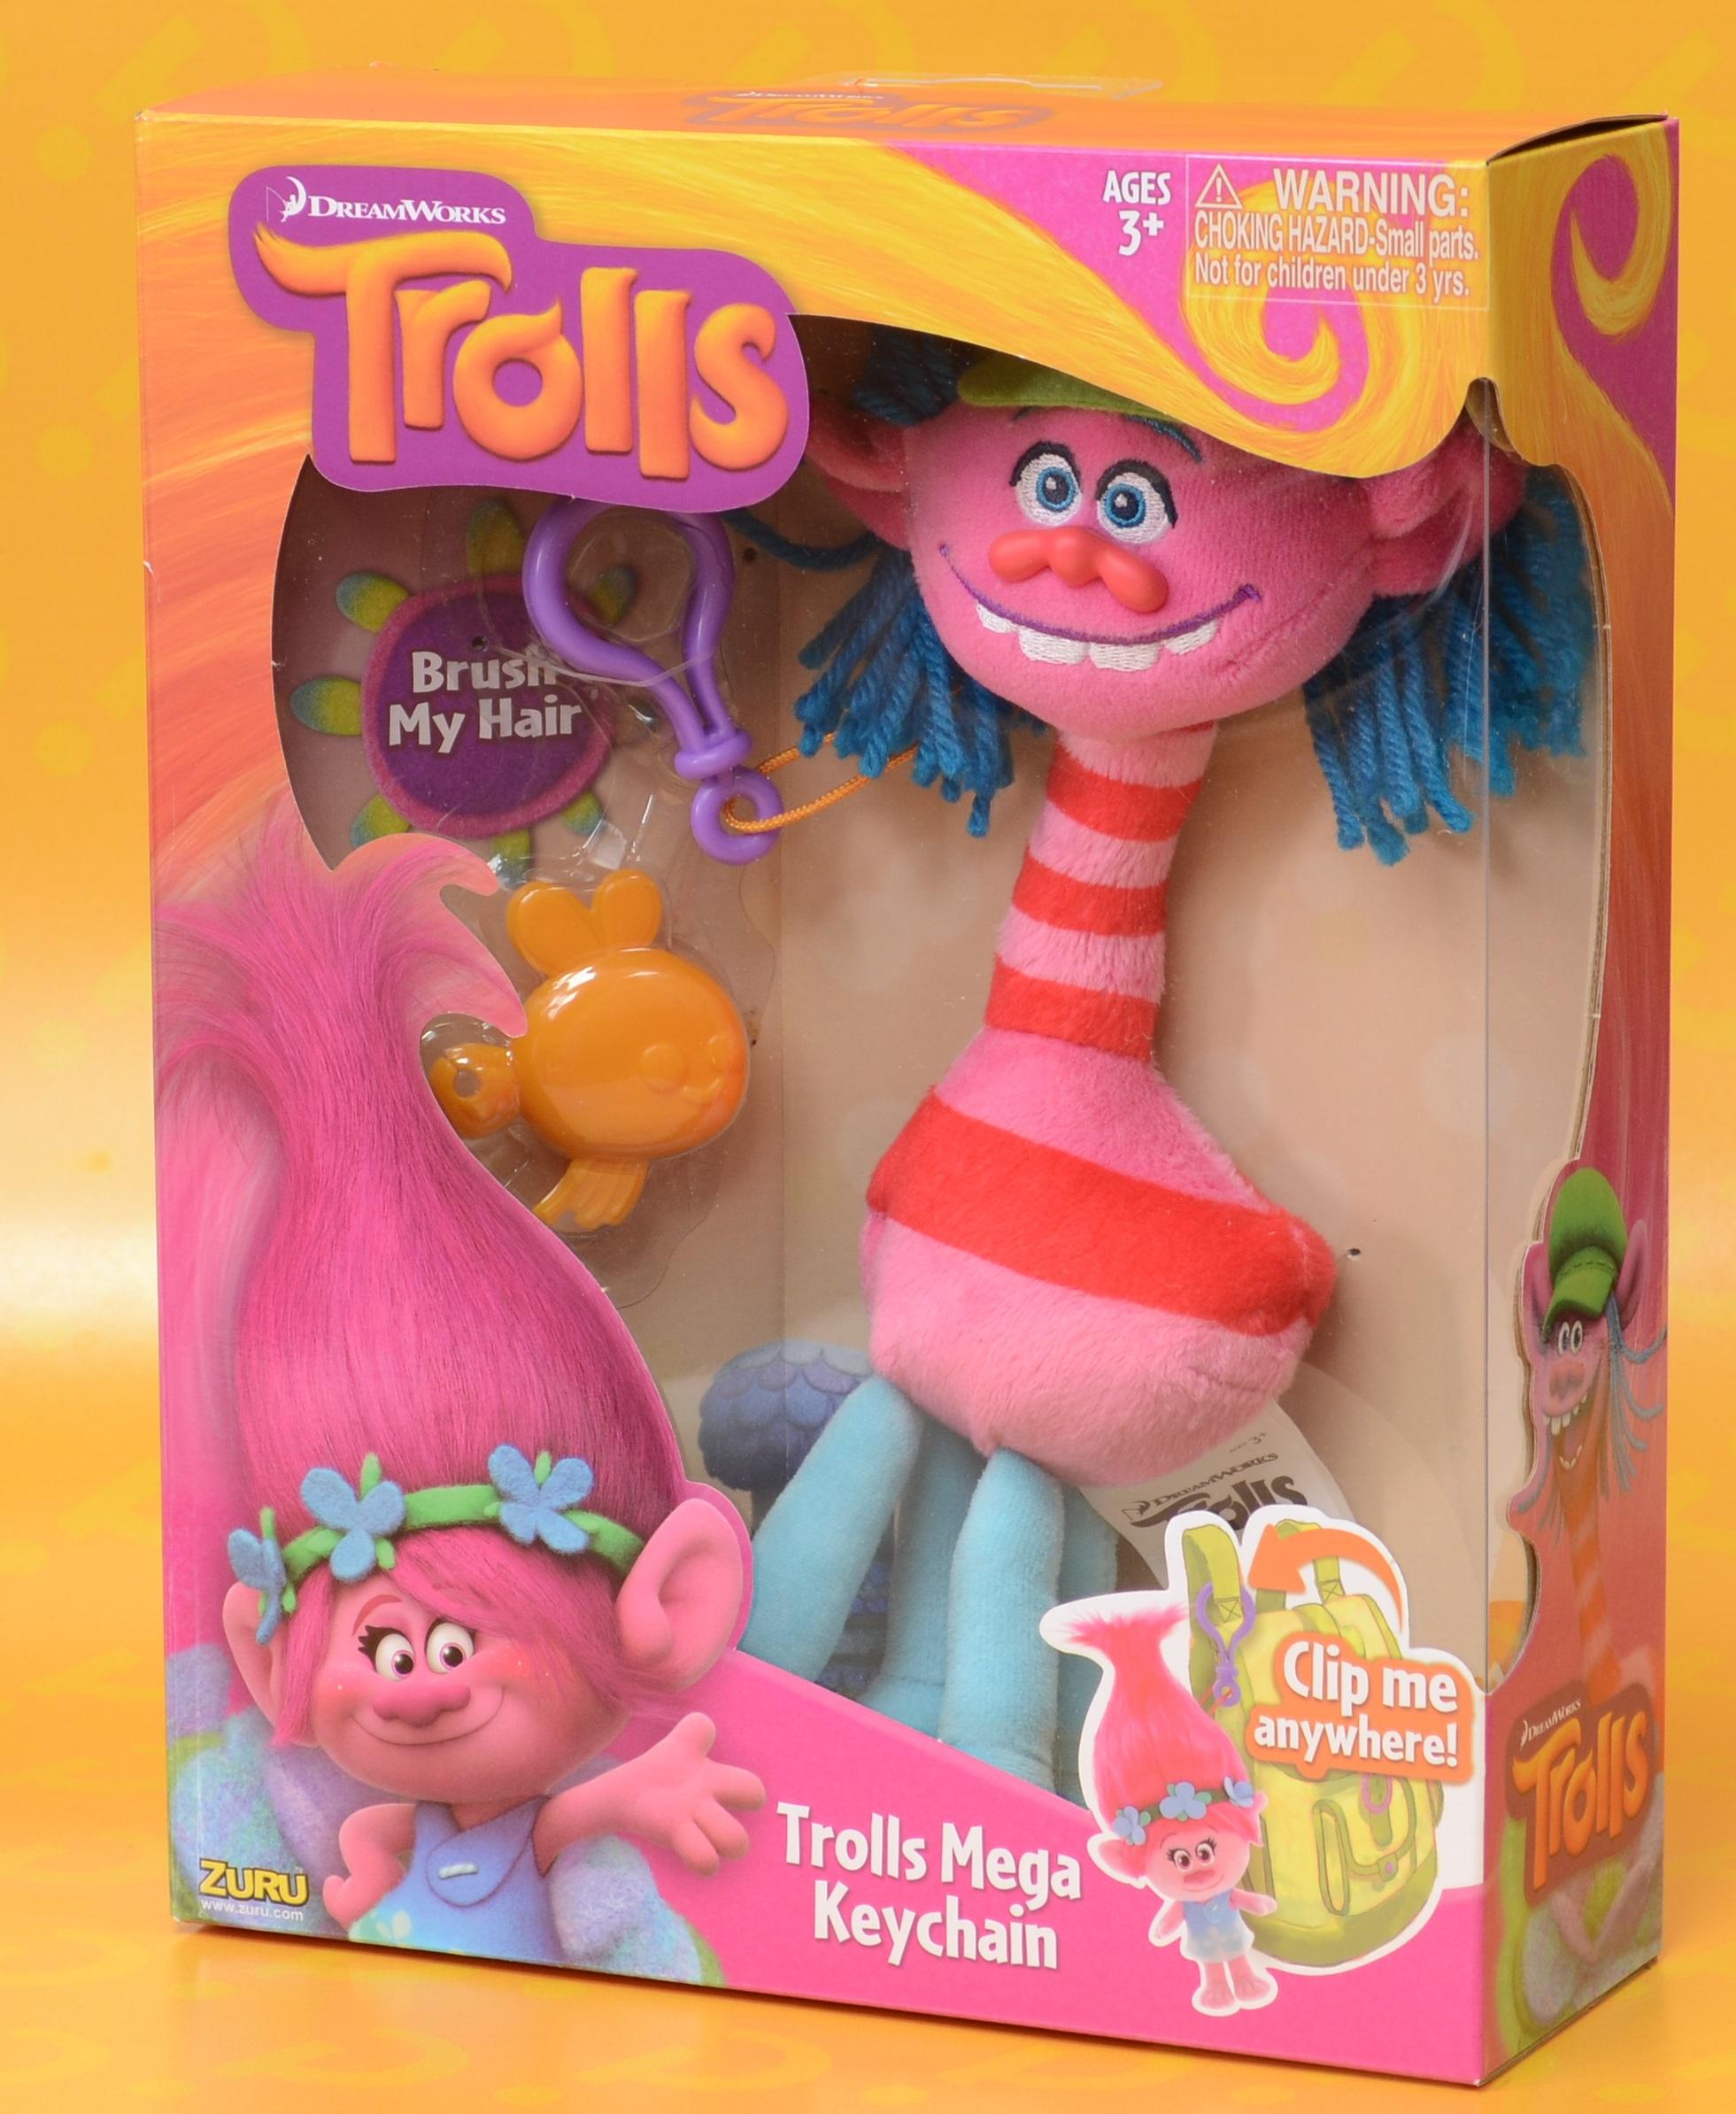 Мягкая игрушка Trolls. Тролль Купер (Cooper)